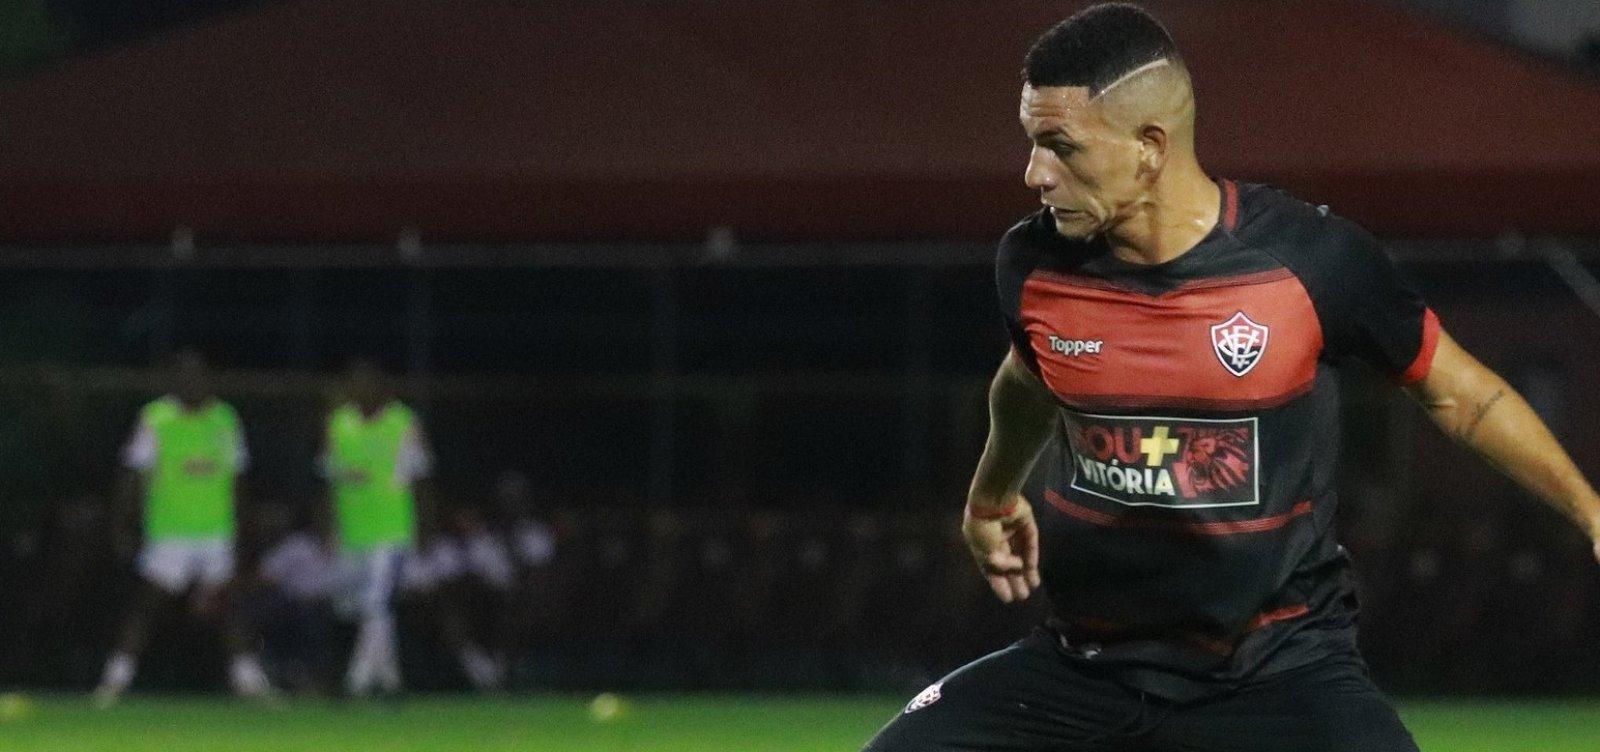 [Vitória leva virada e perde para o Atlético de Alagoinhas por 2 a 1]